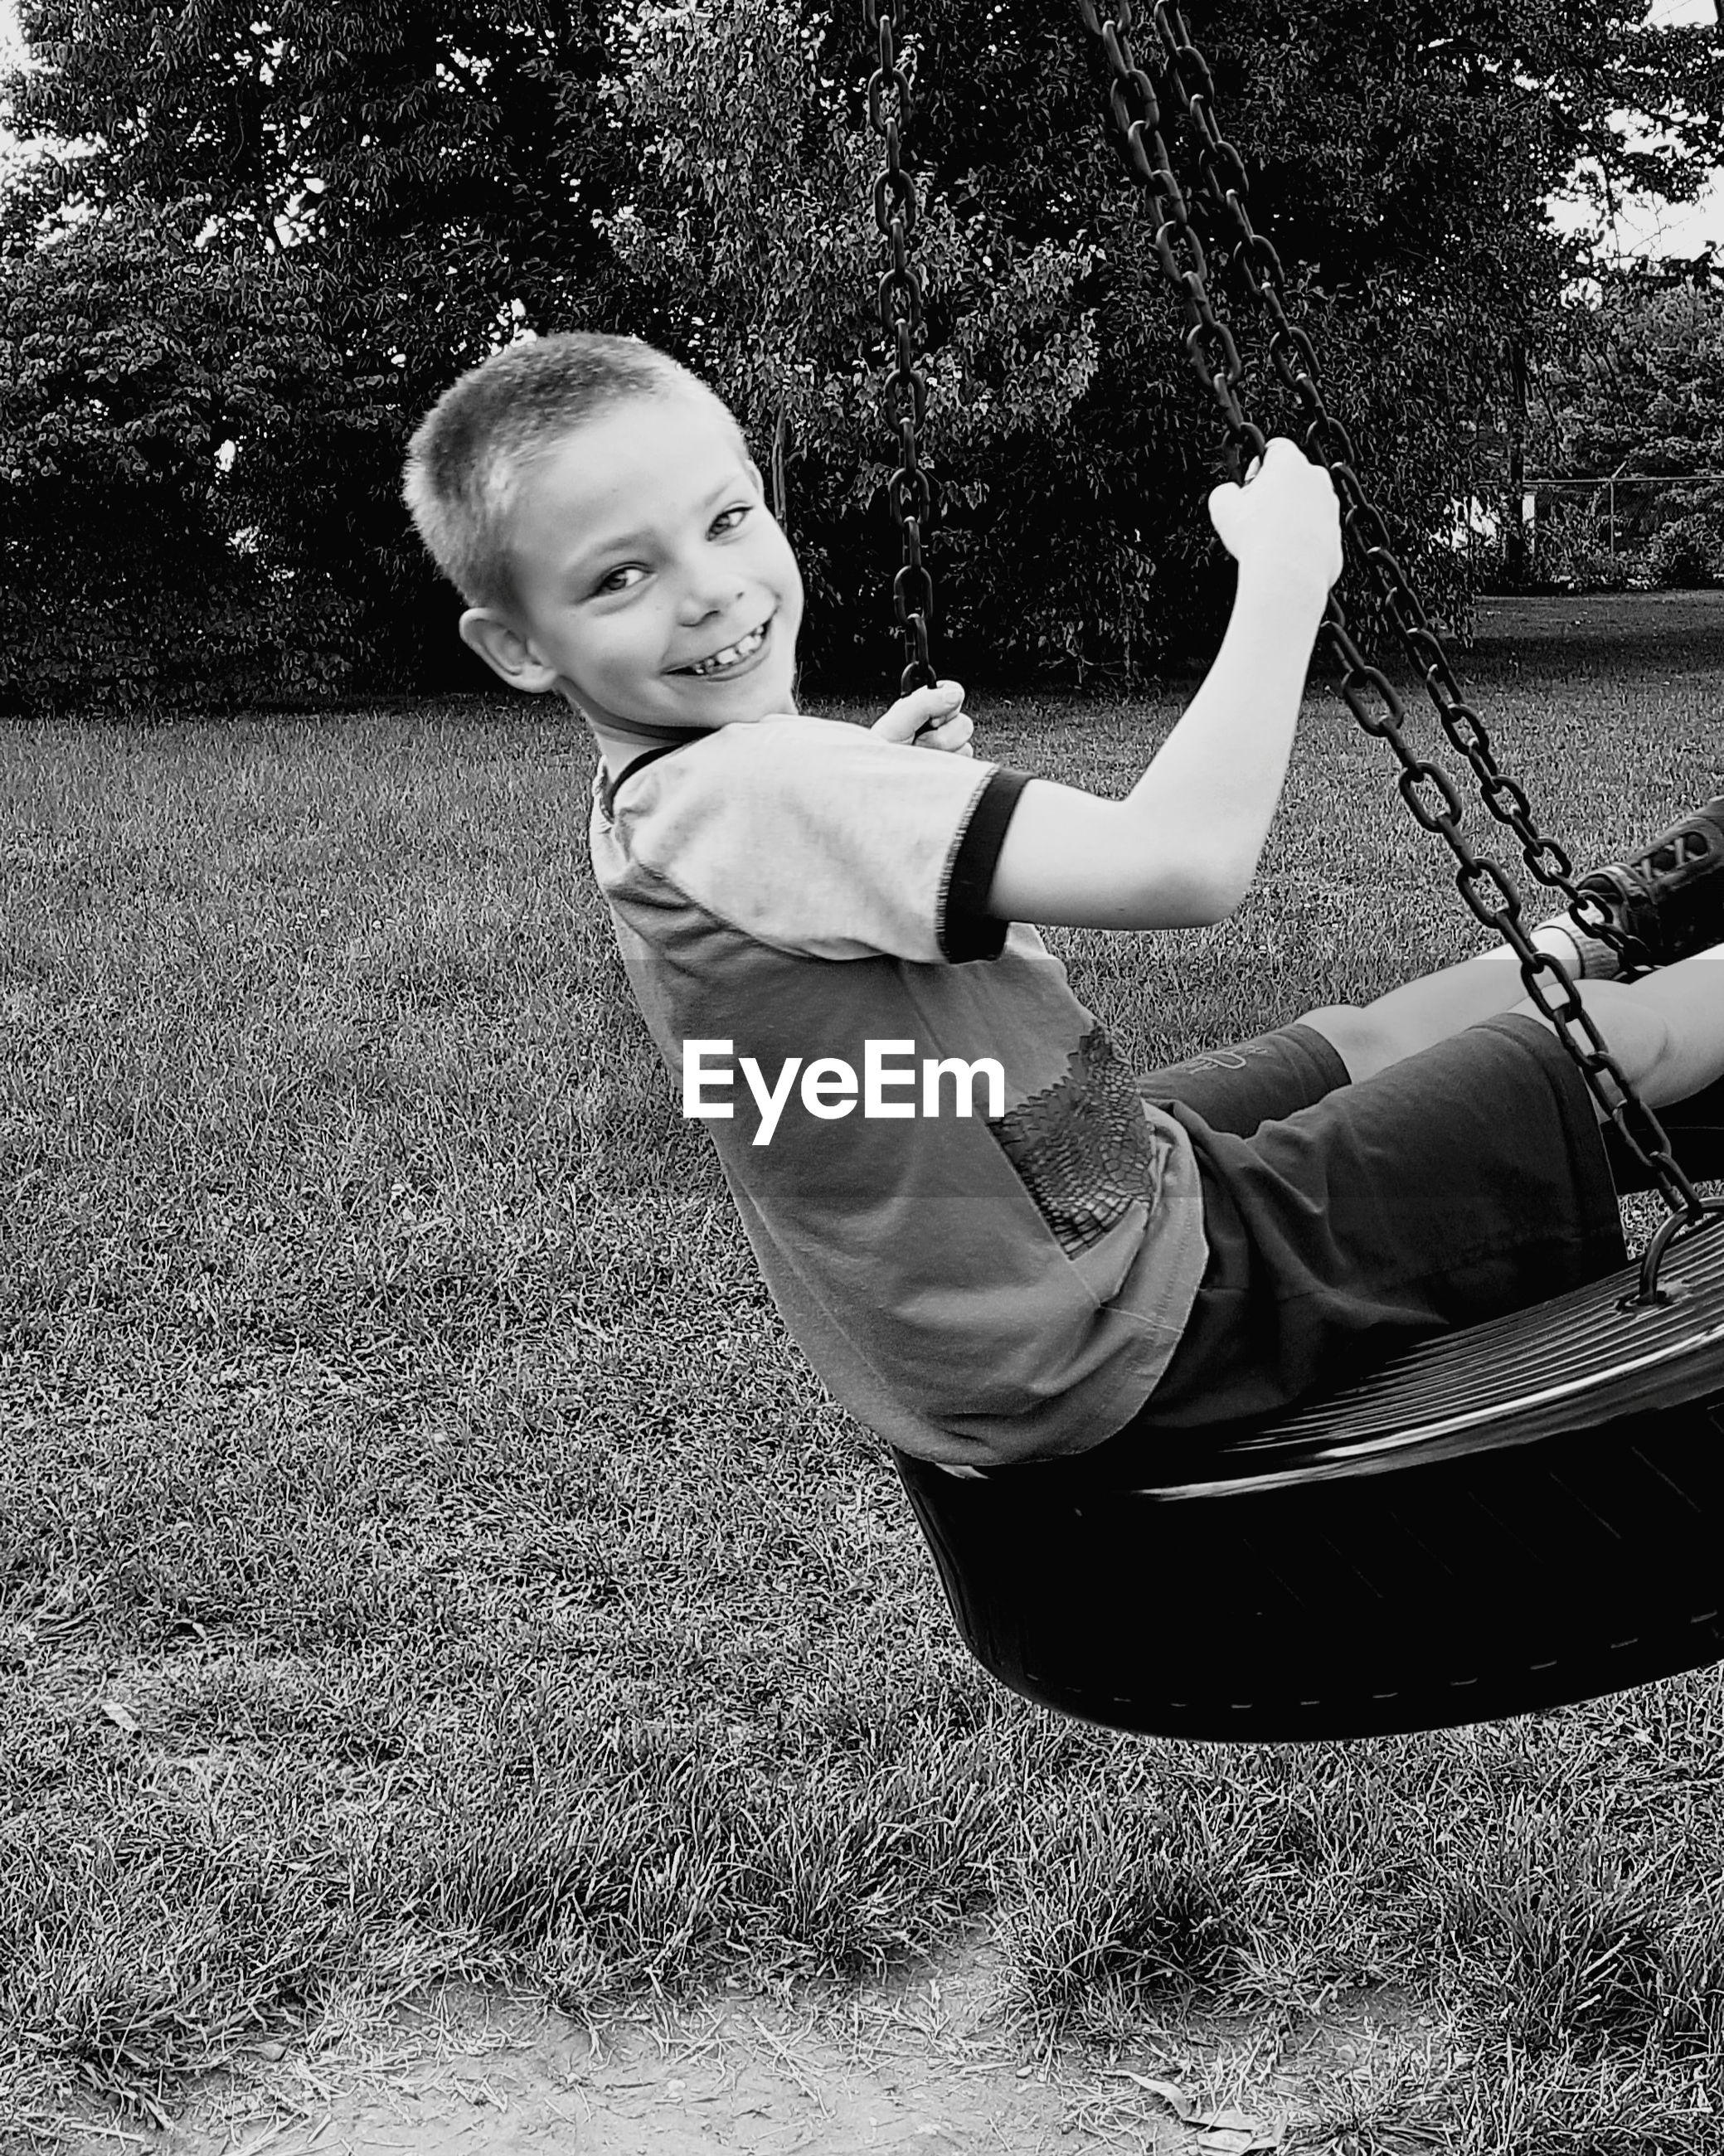 Portrait of boy on tire swing